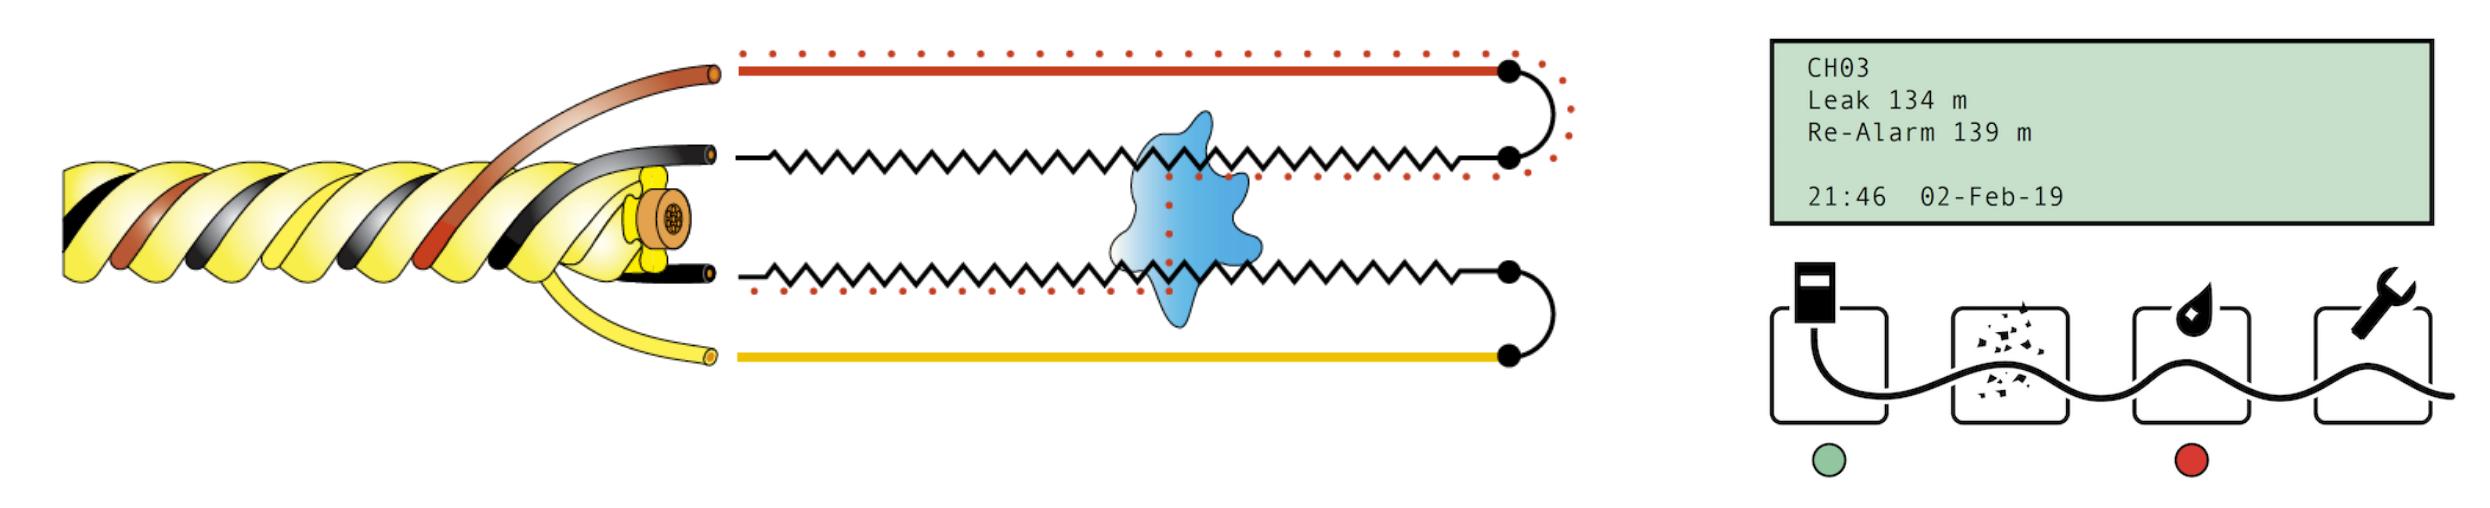 Przewody sensorowe TraceTek umożliwiają wskazanie wycieku wody z dokładnością do 1 metra.